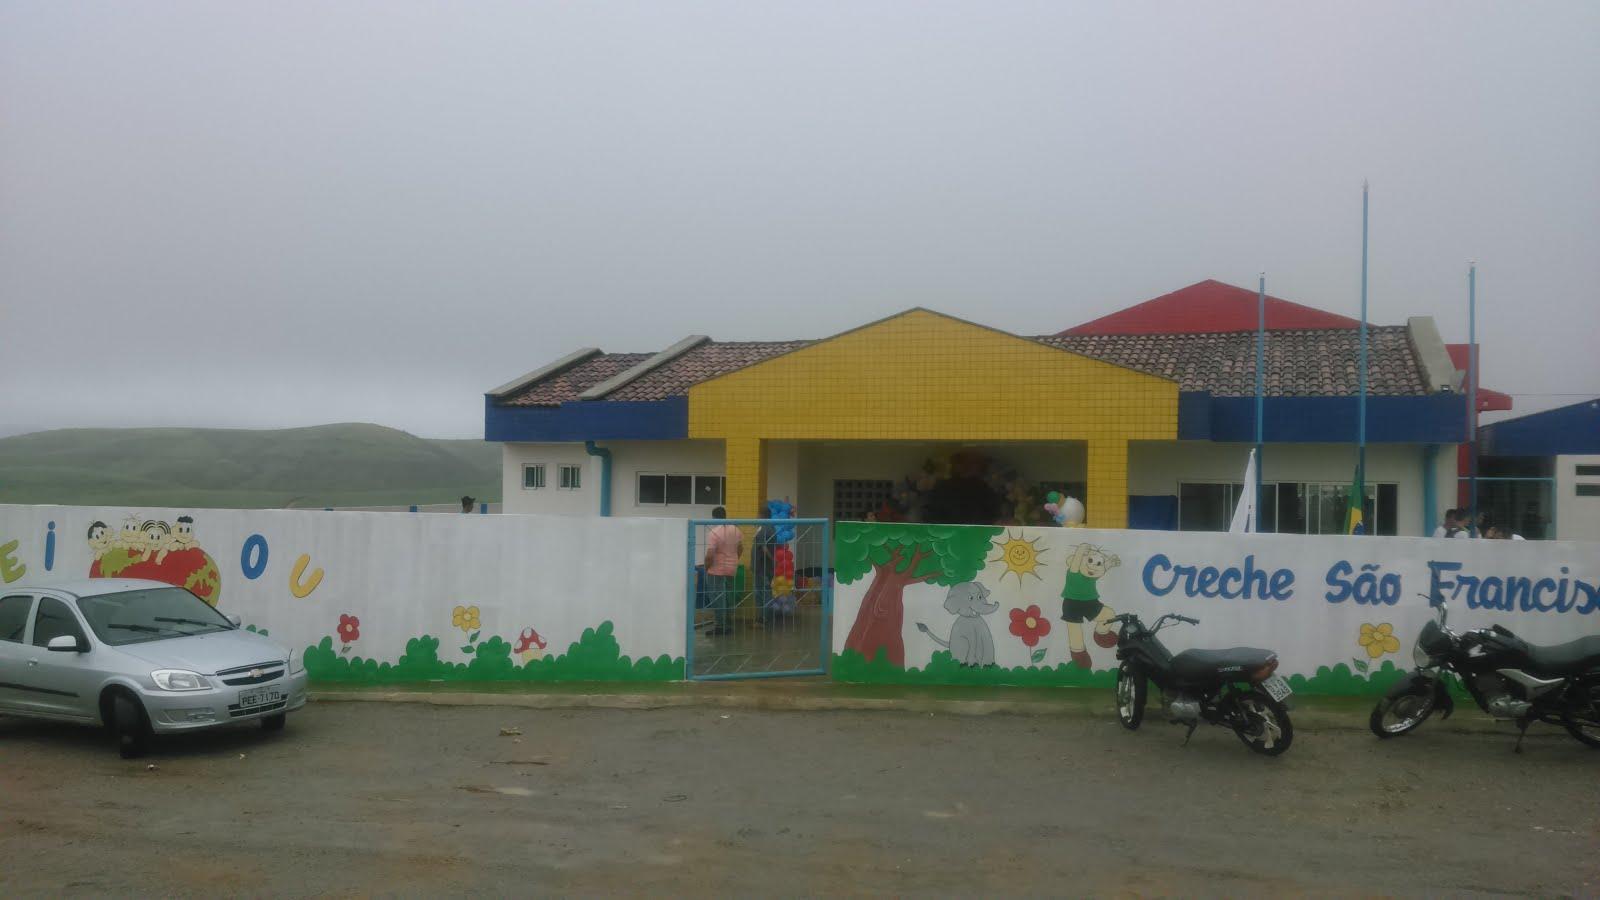 Creche São Francisco das Chagas